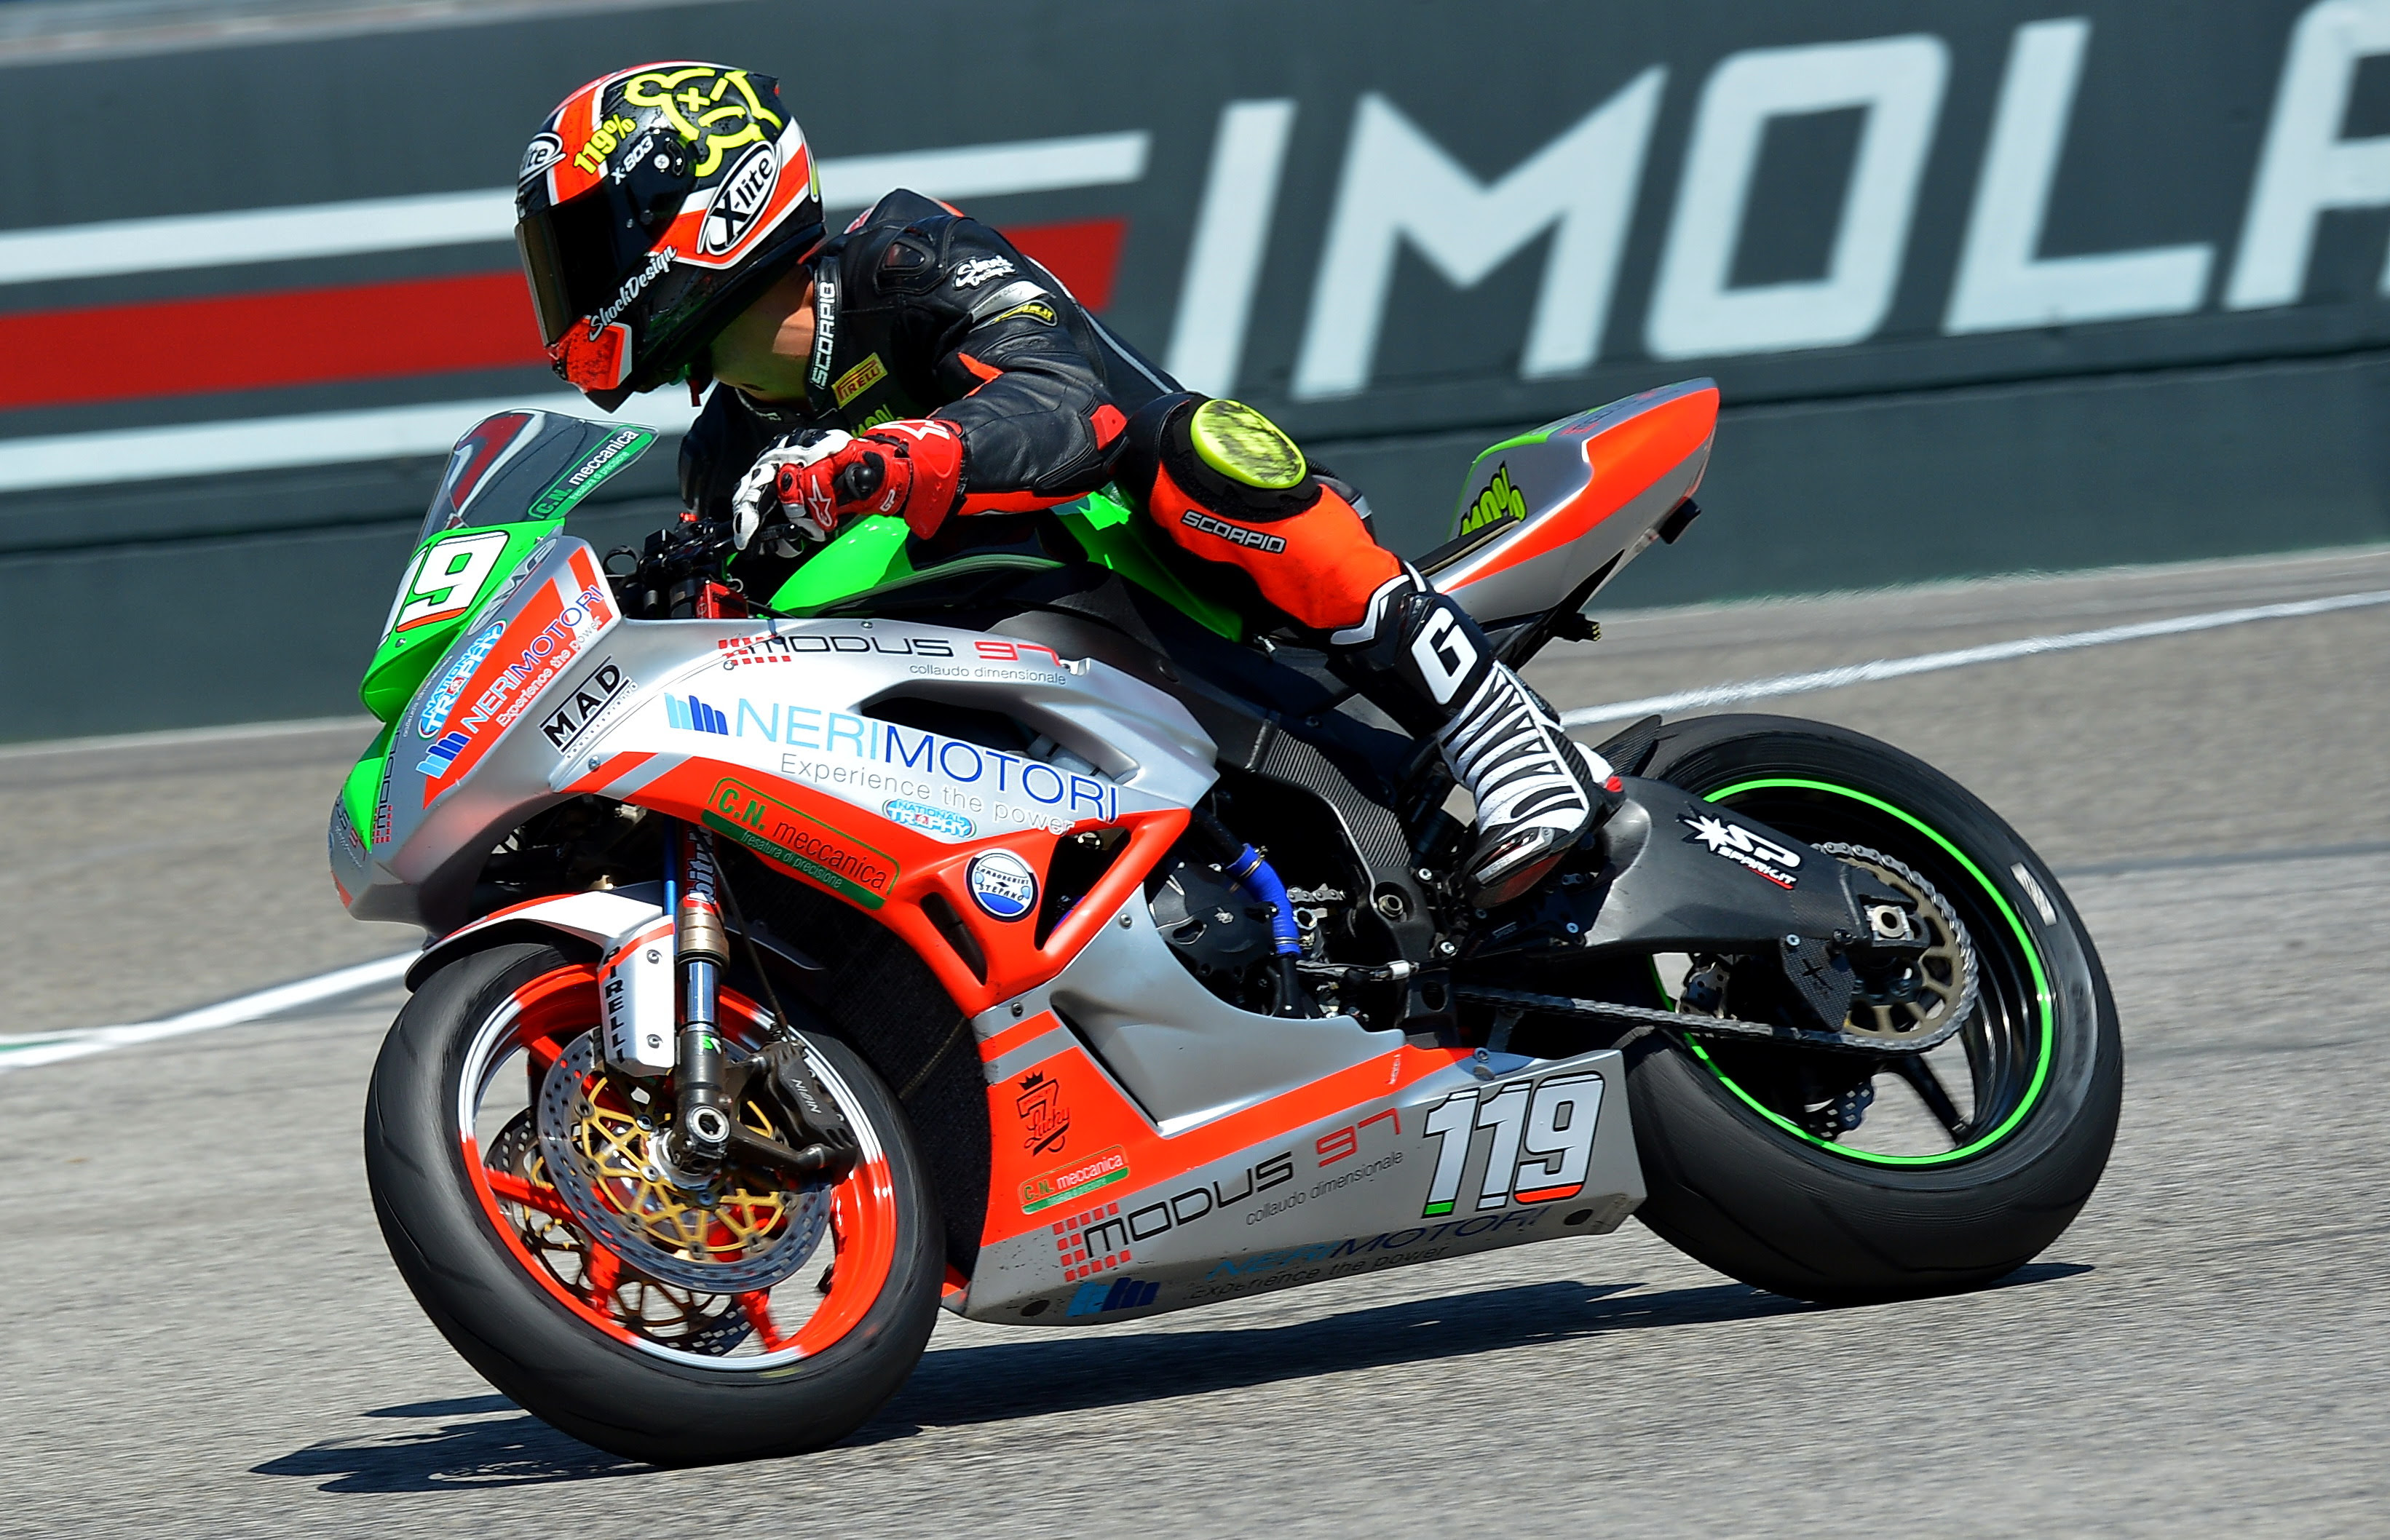 La Marra e Magnoni si impongono anche a Imola nelle gare del Pirelli National Trophy 3